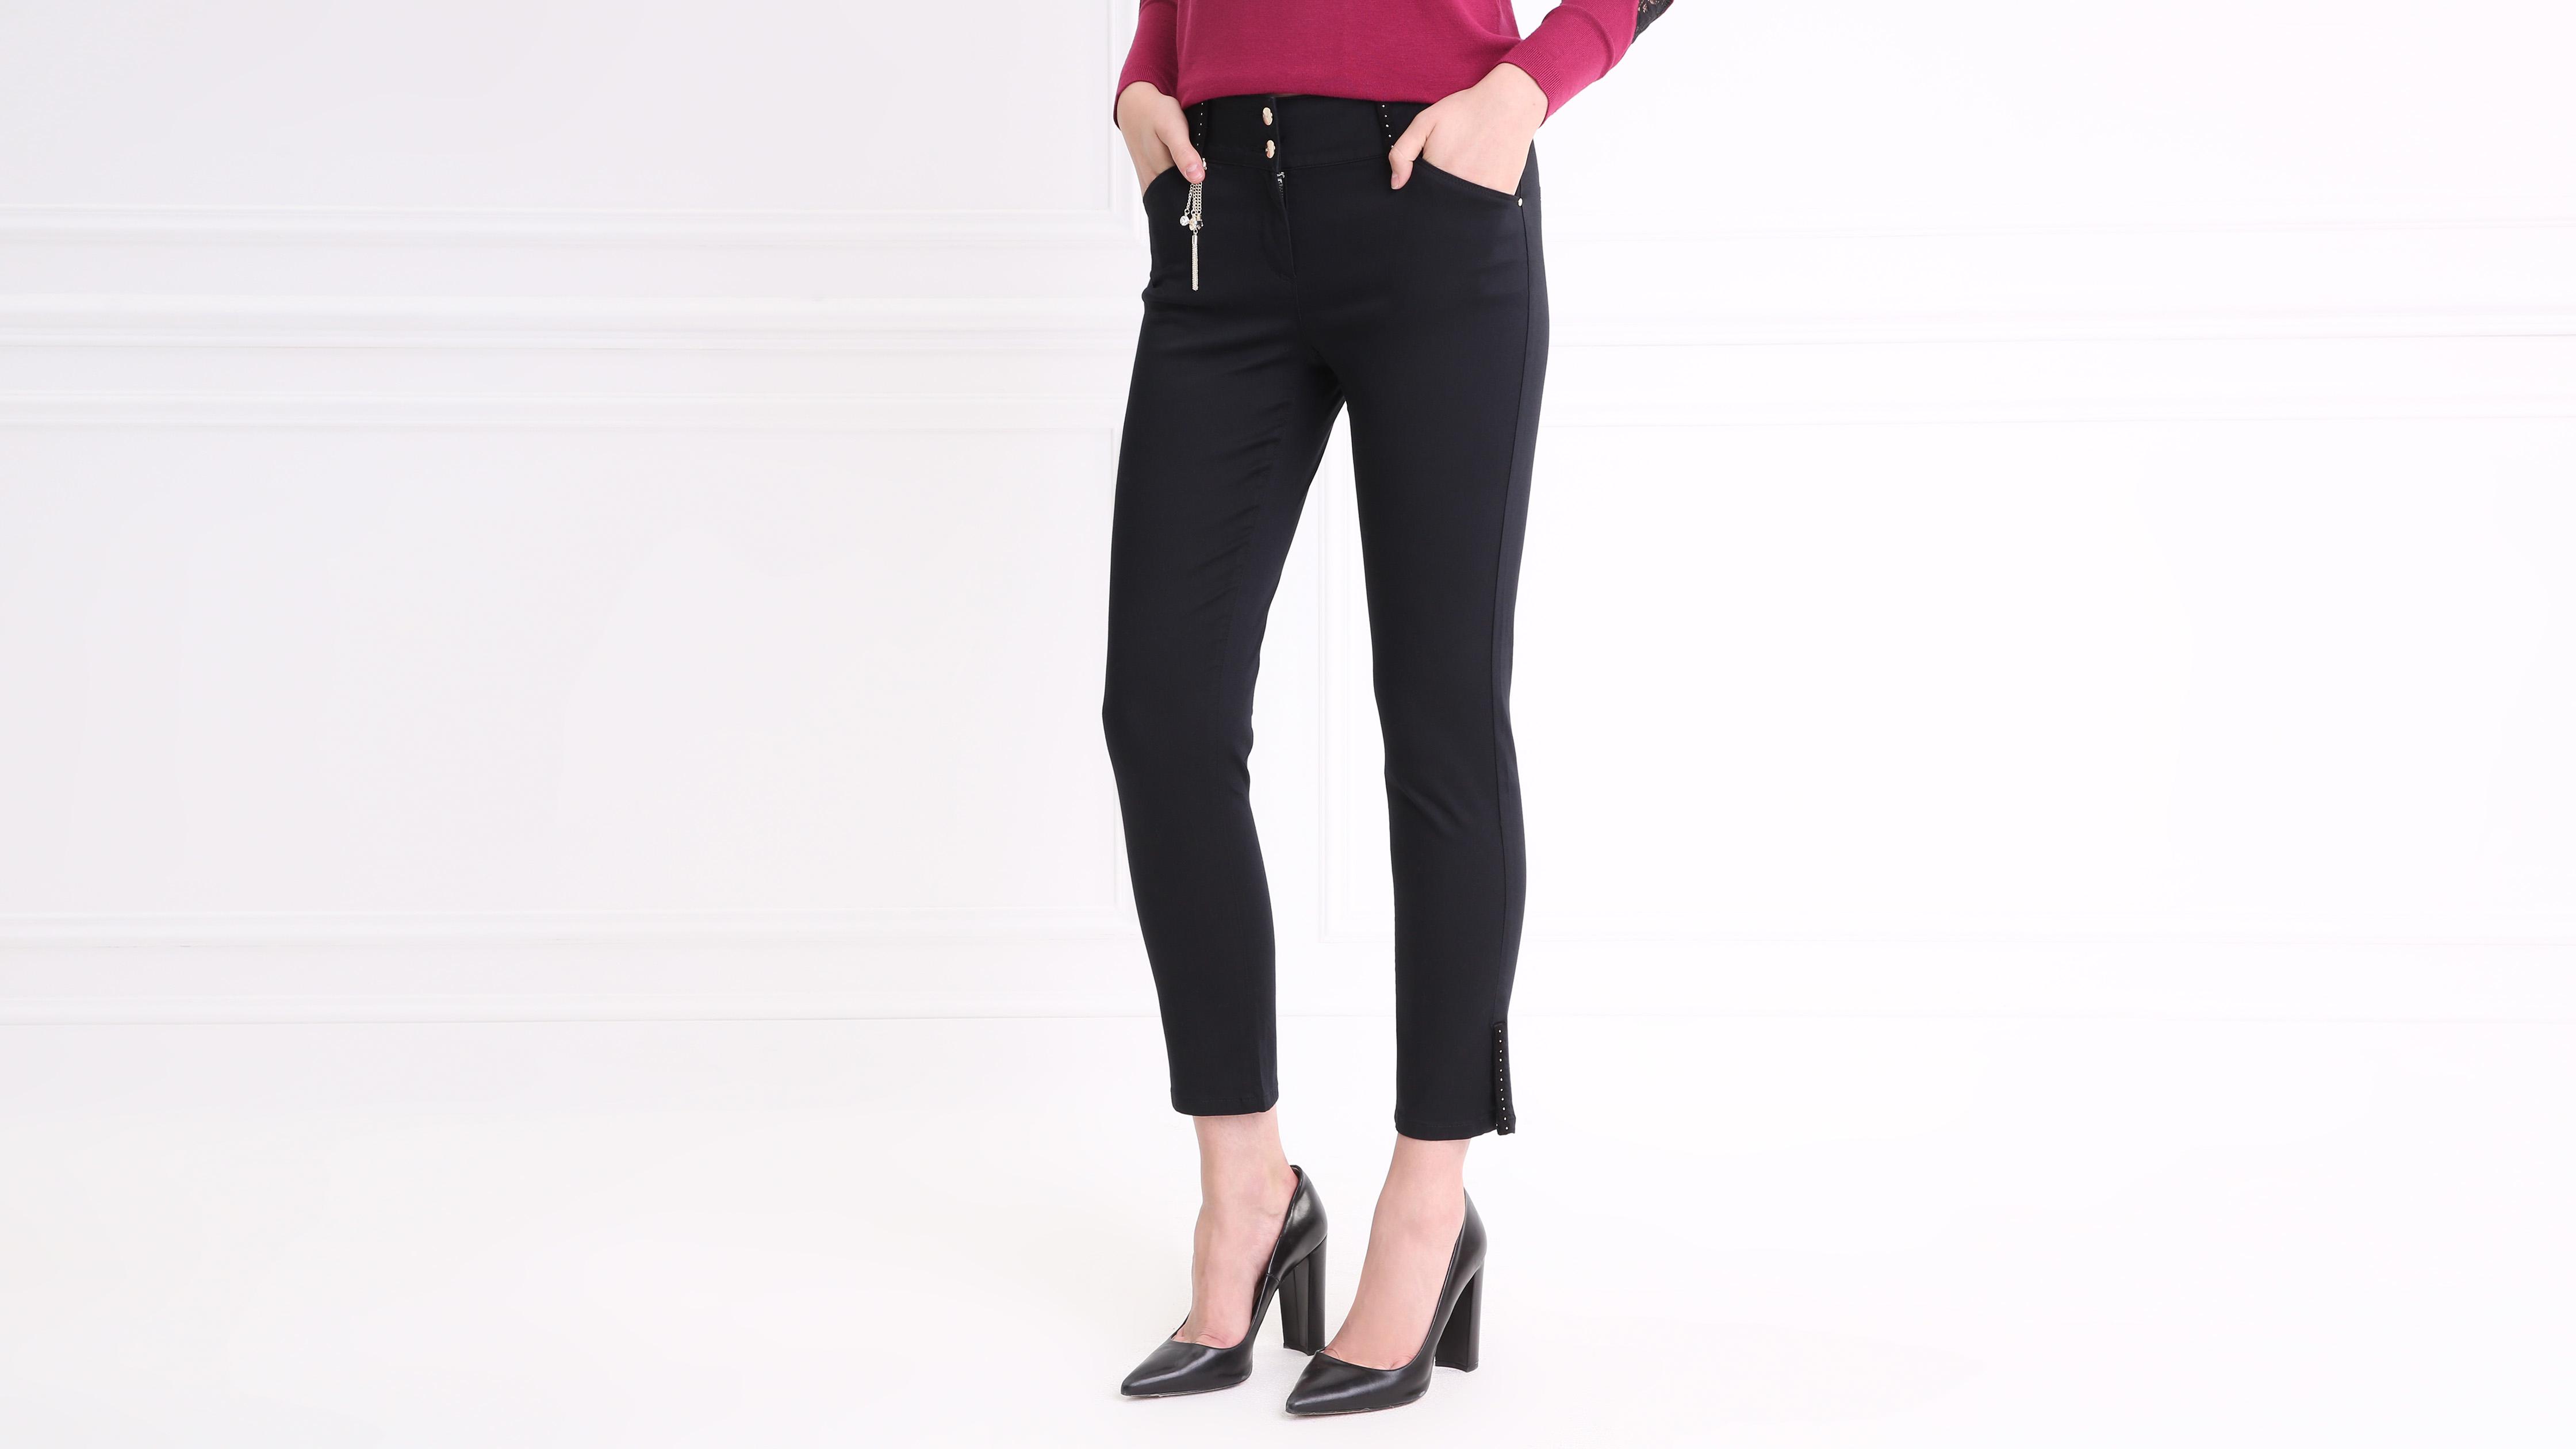 772d4ccdfd3a8 Pantalon satin avec strass et breloques noir femme | Vib's